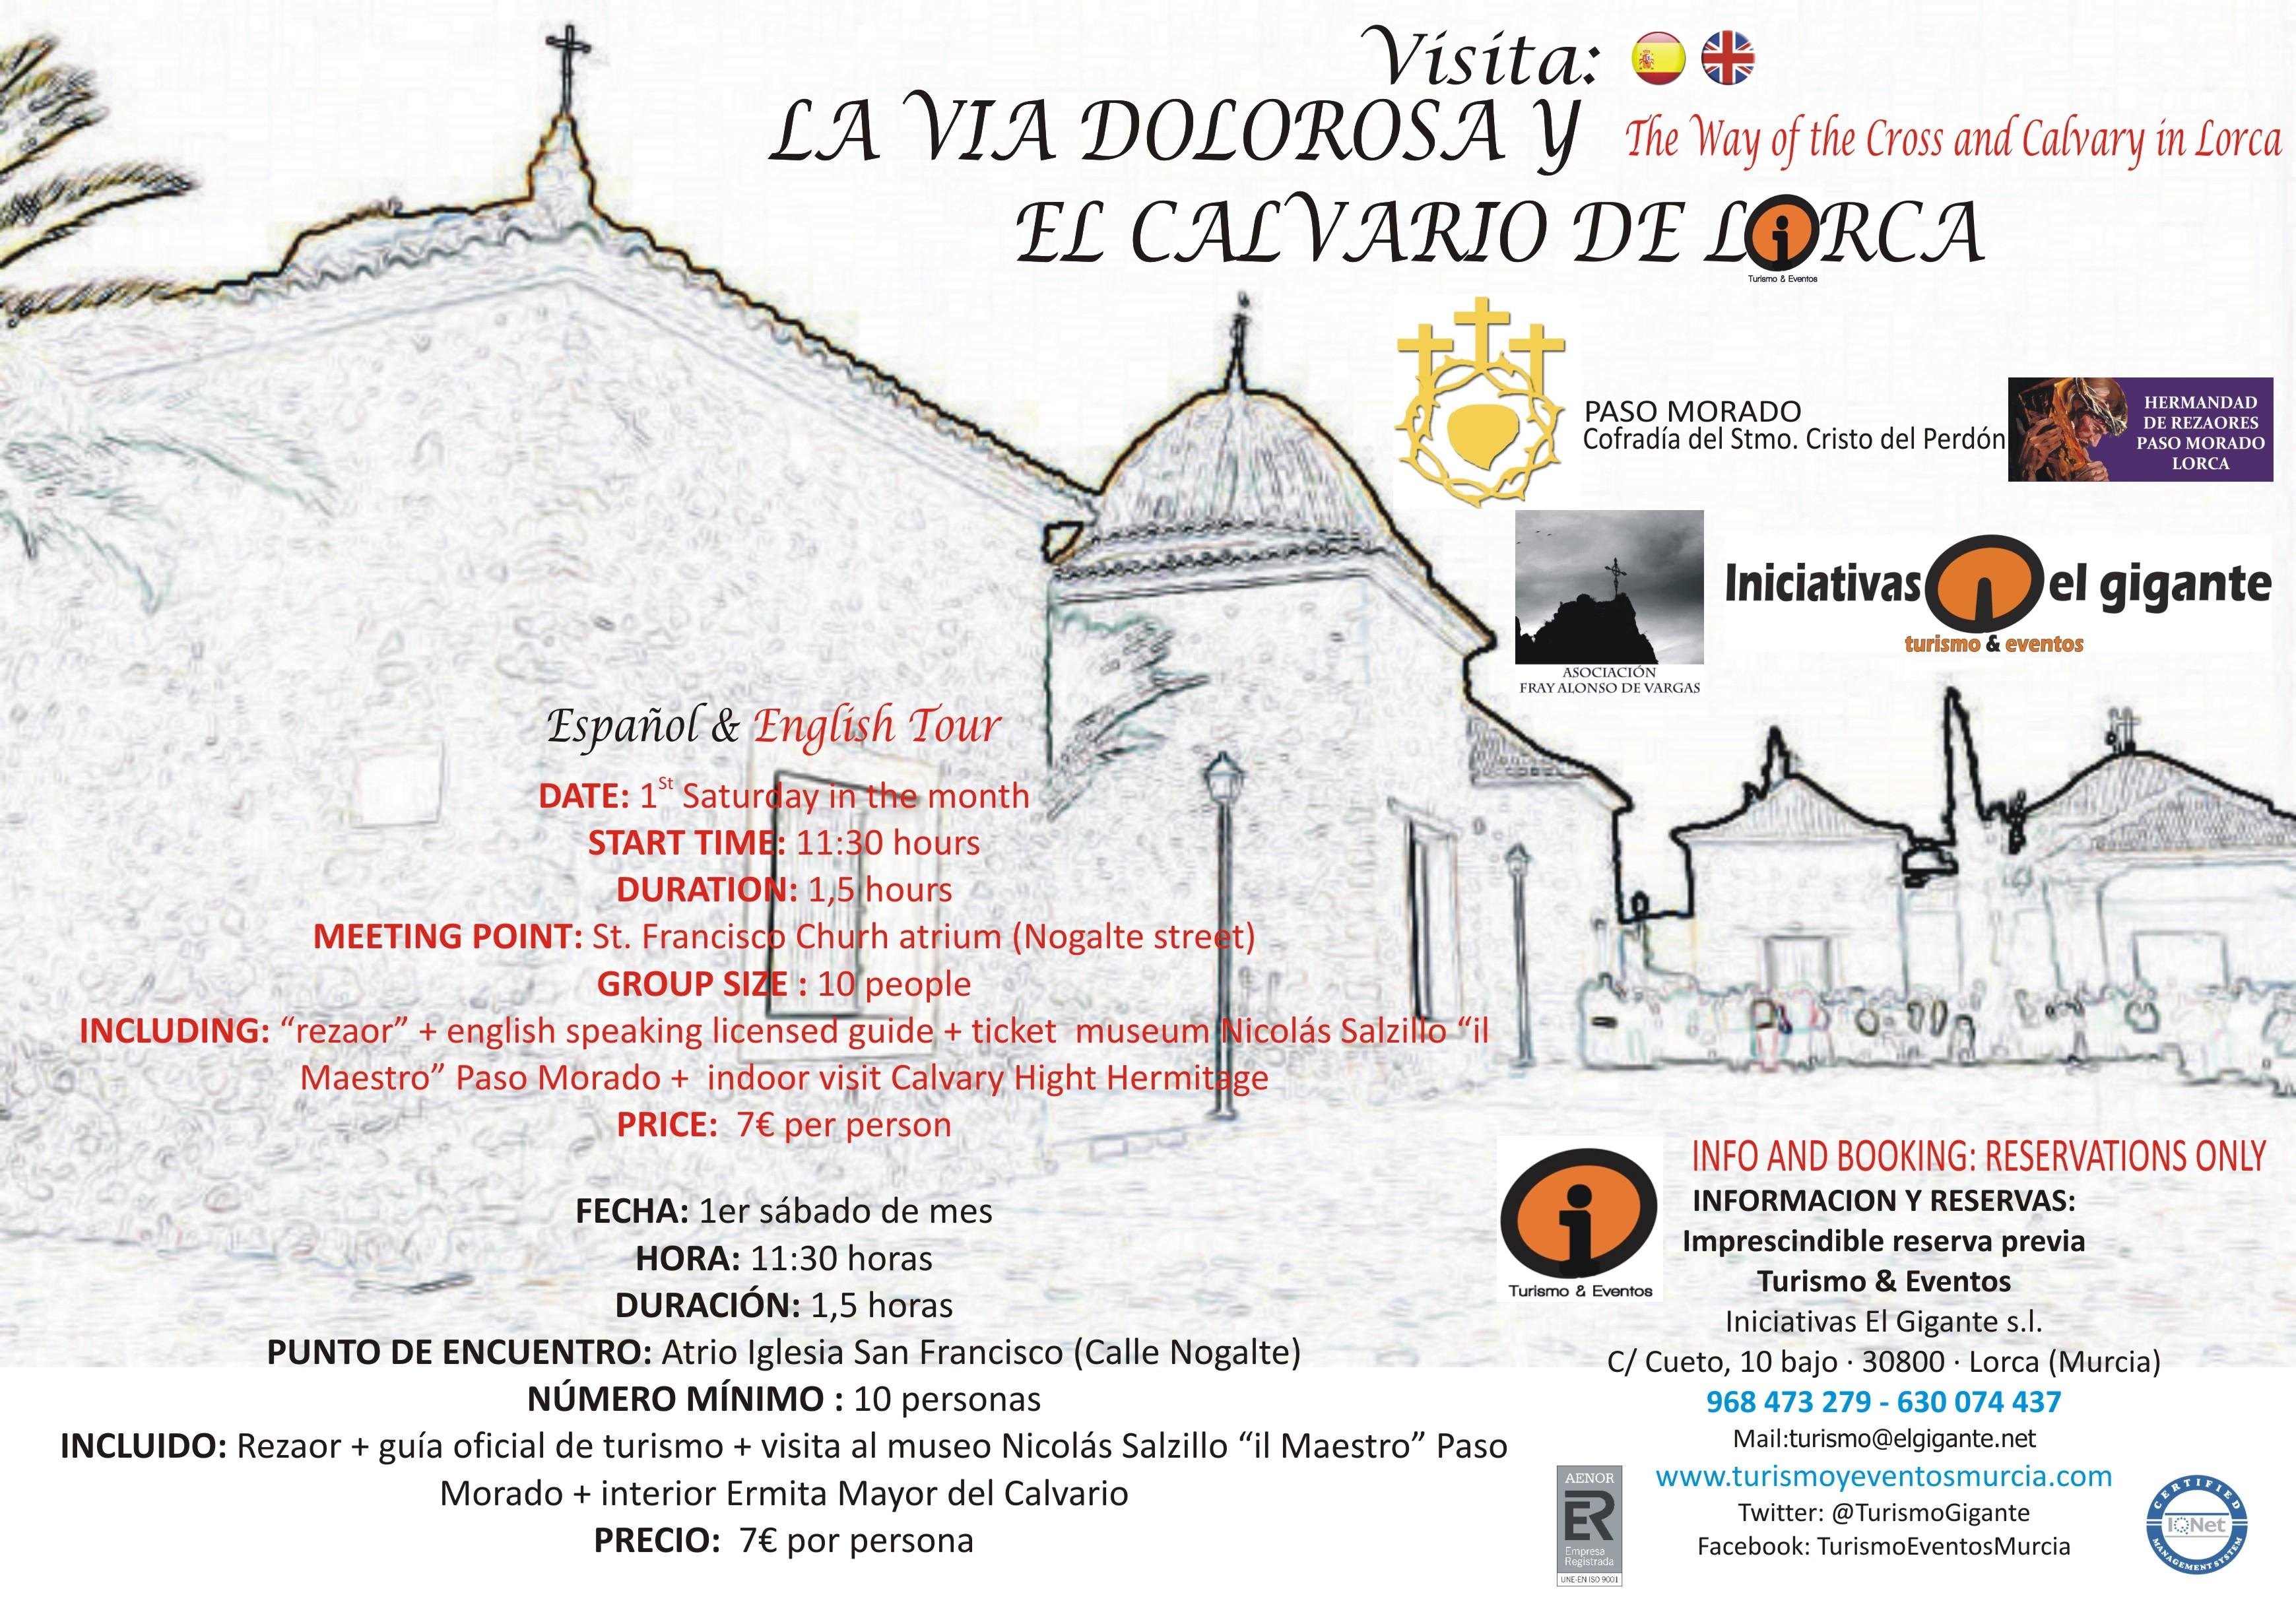 CARTEL PASO MORADO RUTA LA VIA DOLOROSA Y EL CALCARIO DE LORCA